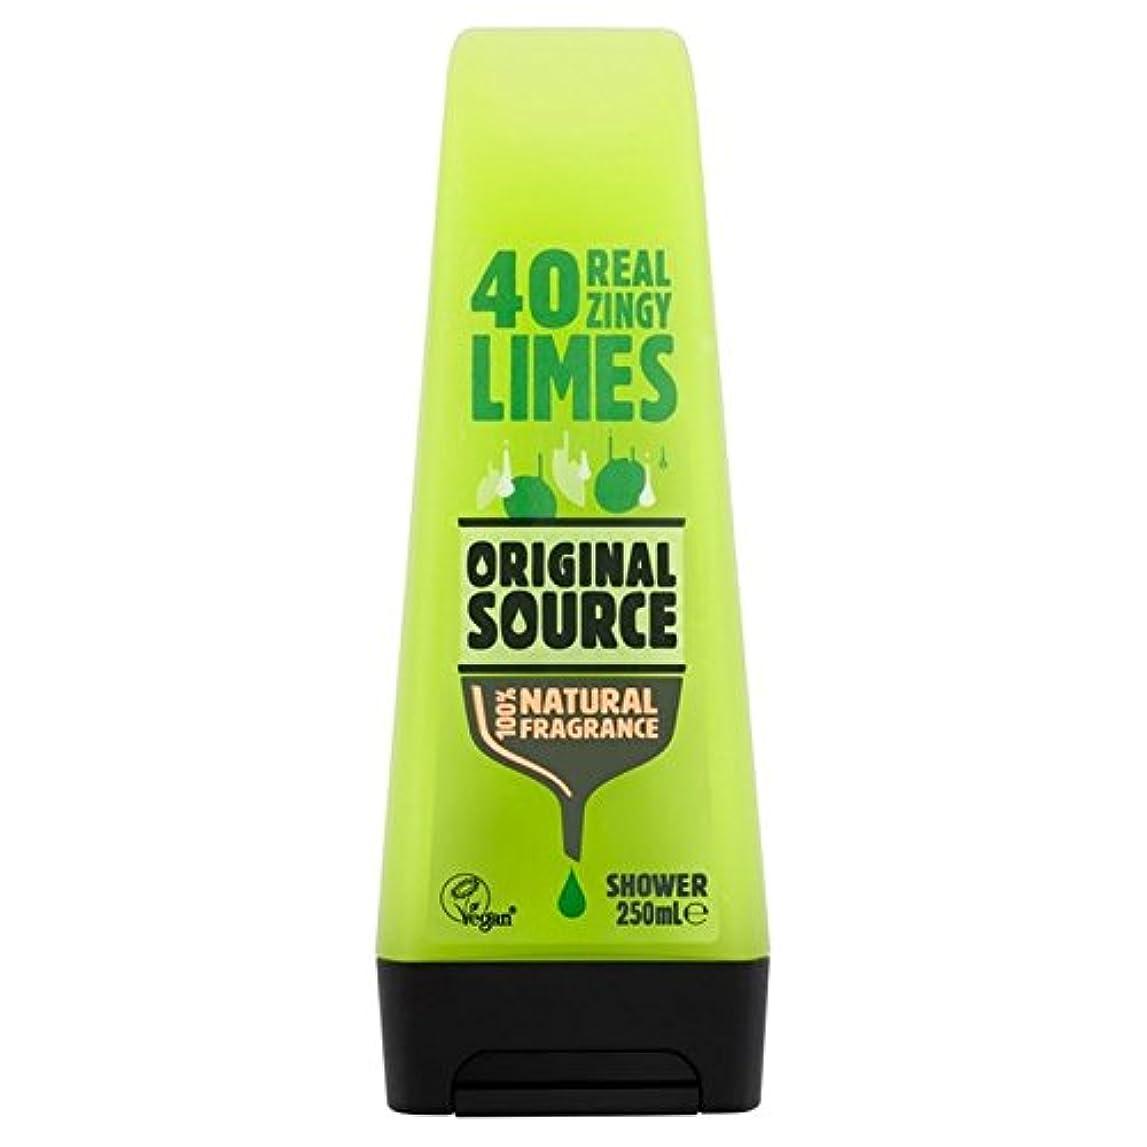 硬化する登山家適応的Original Source Lime Shower Gel 250ml (Pack of 6) - 元のソースライムシャワージェル250ミリリットル x6 [並行輸入品]